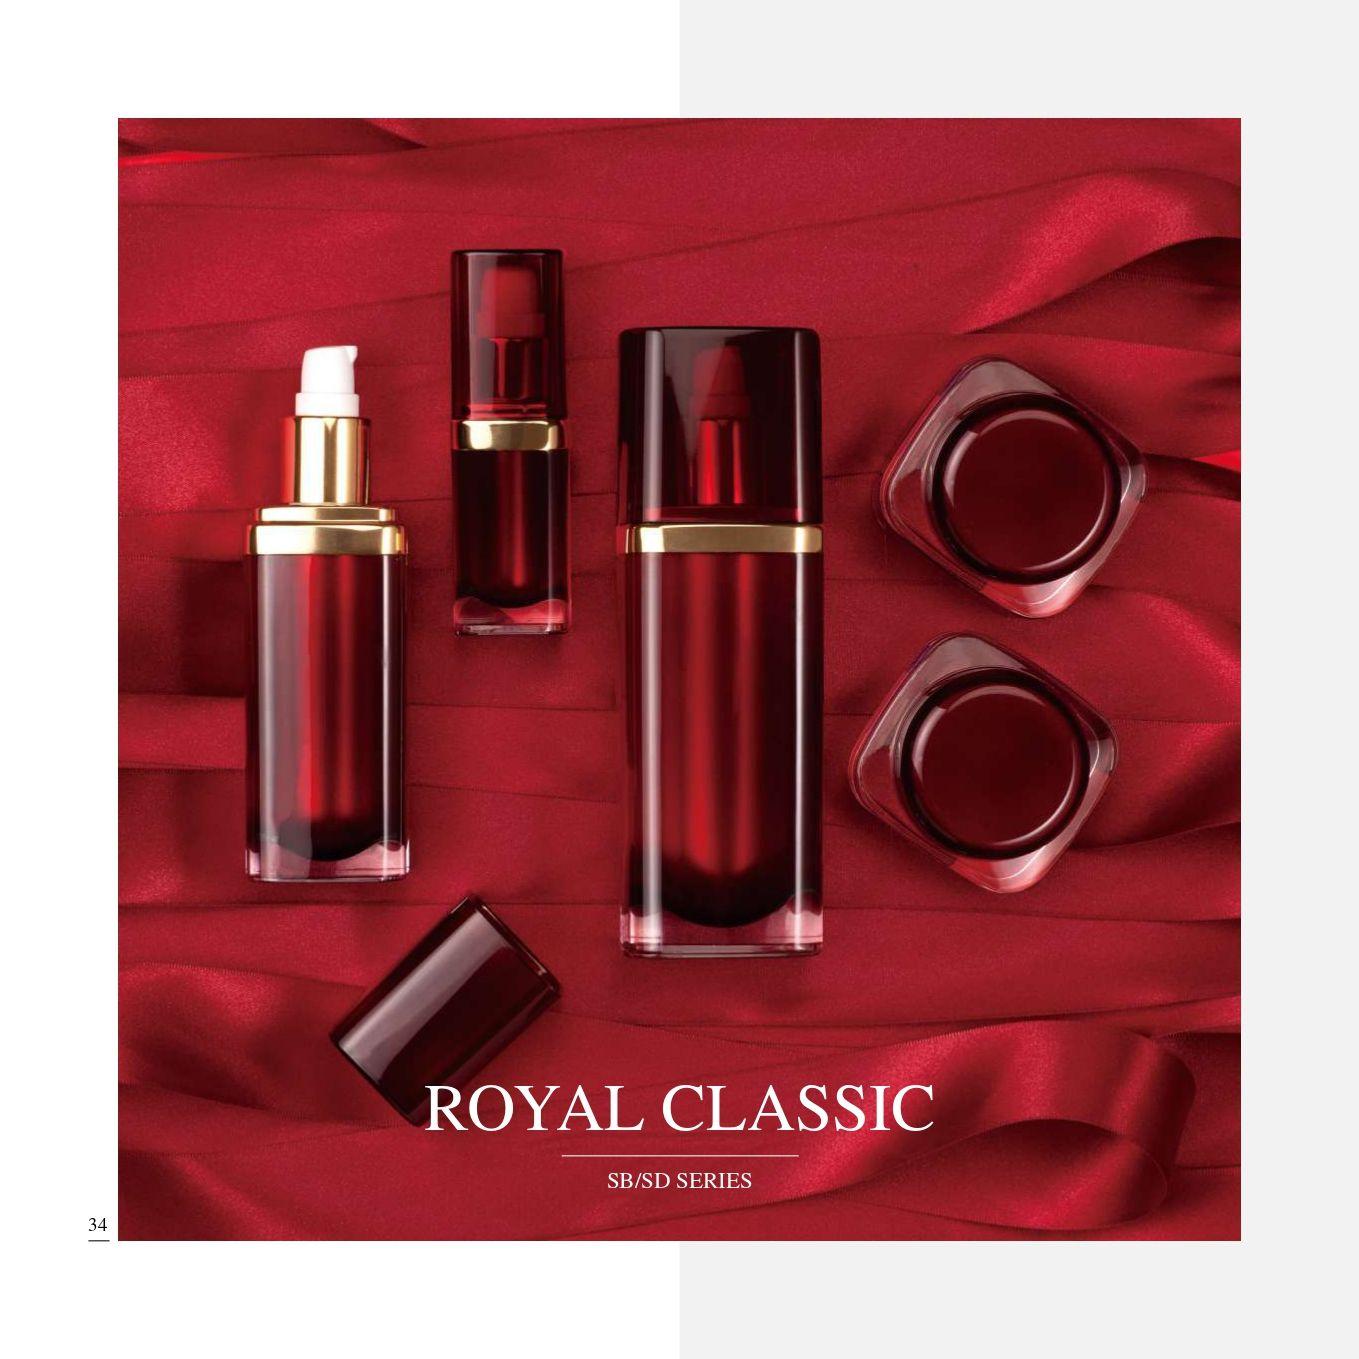 cuadrado Forma Acrílico Lujo Cosmético y Cuidado de la Piel Envase - Serie Royal Classic - Cosmético Envase Colección - Royal Classics